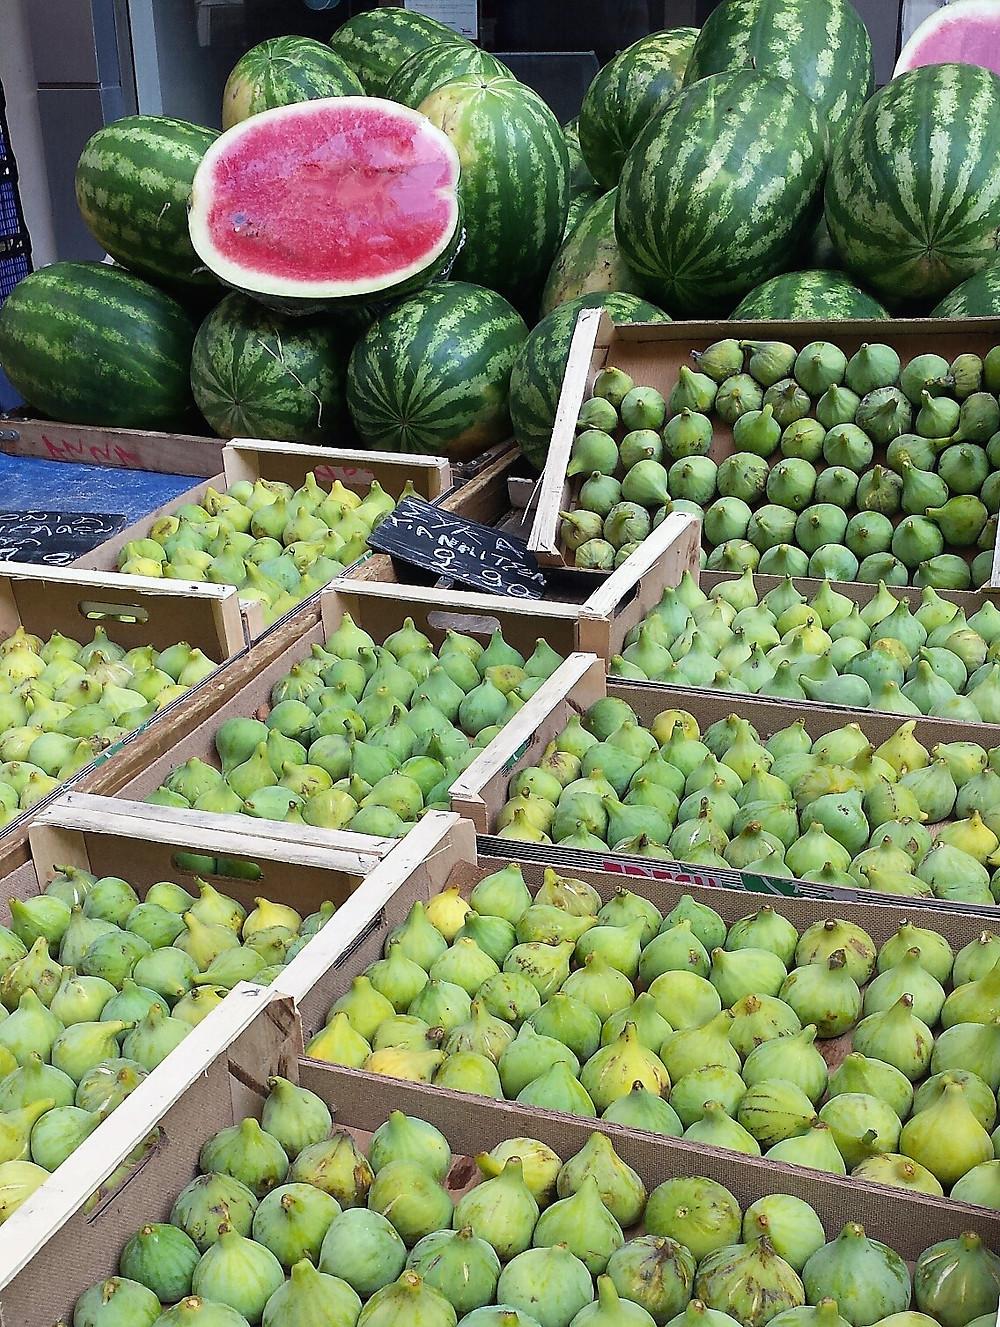 Fresh figs from Farmer's market